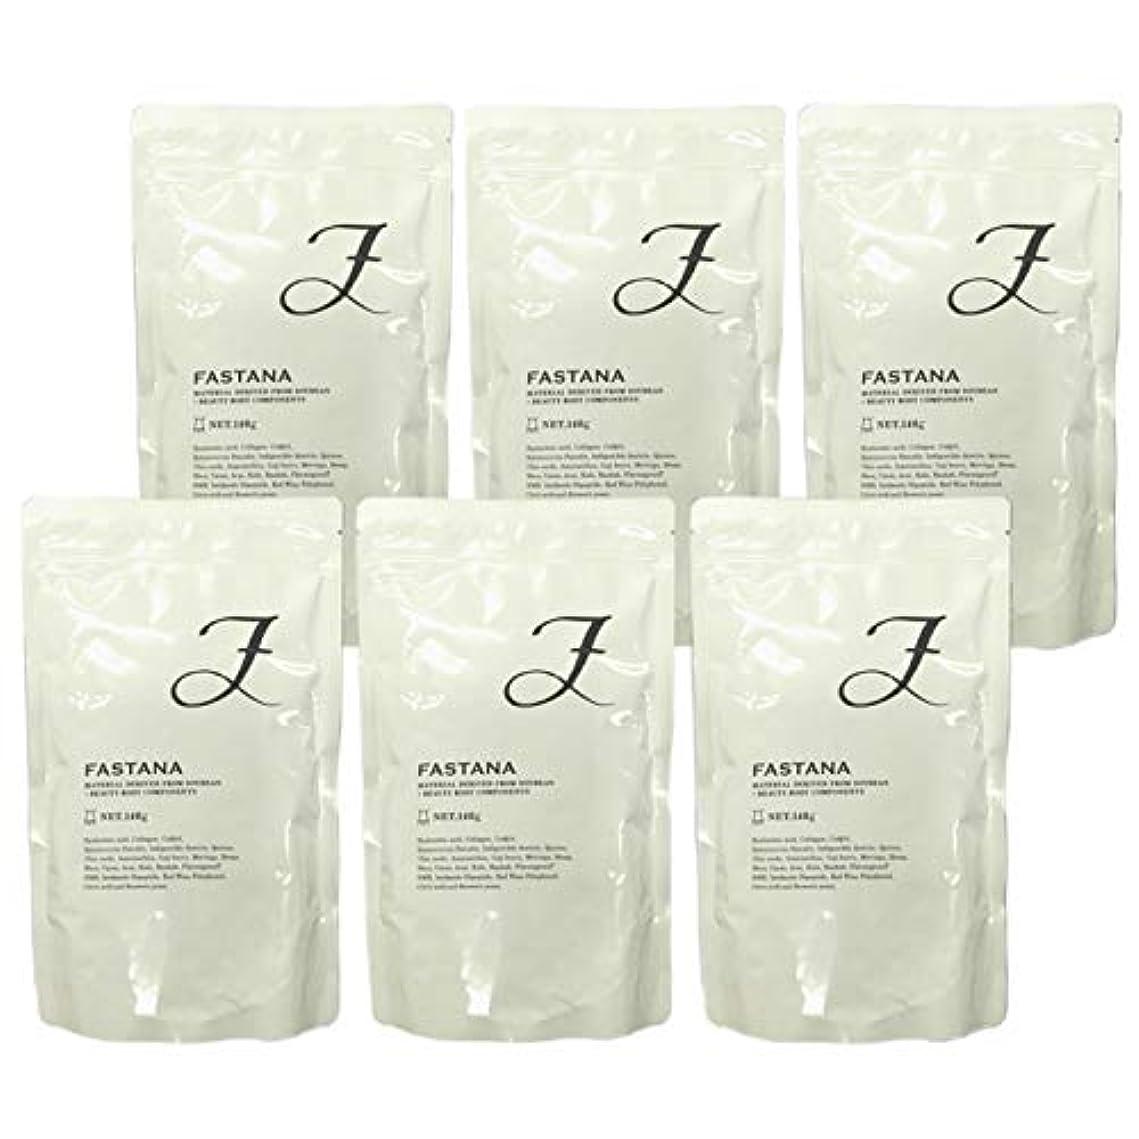 合わせてフィードバック空白FASTANA ファスタナ 6袋セット プロテインダイエット プロテインスムージー